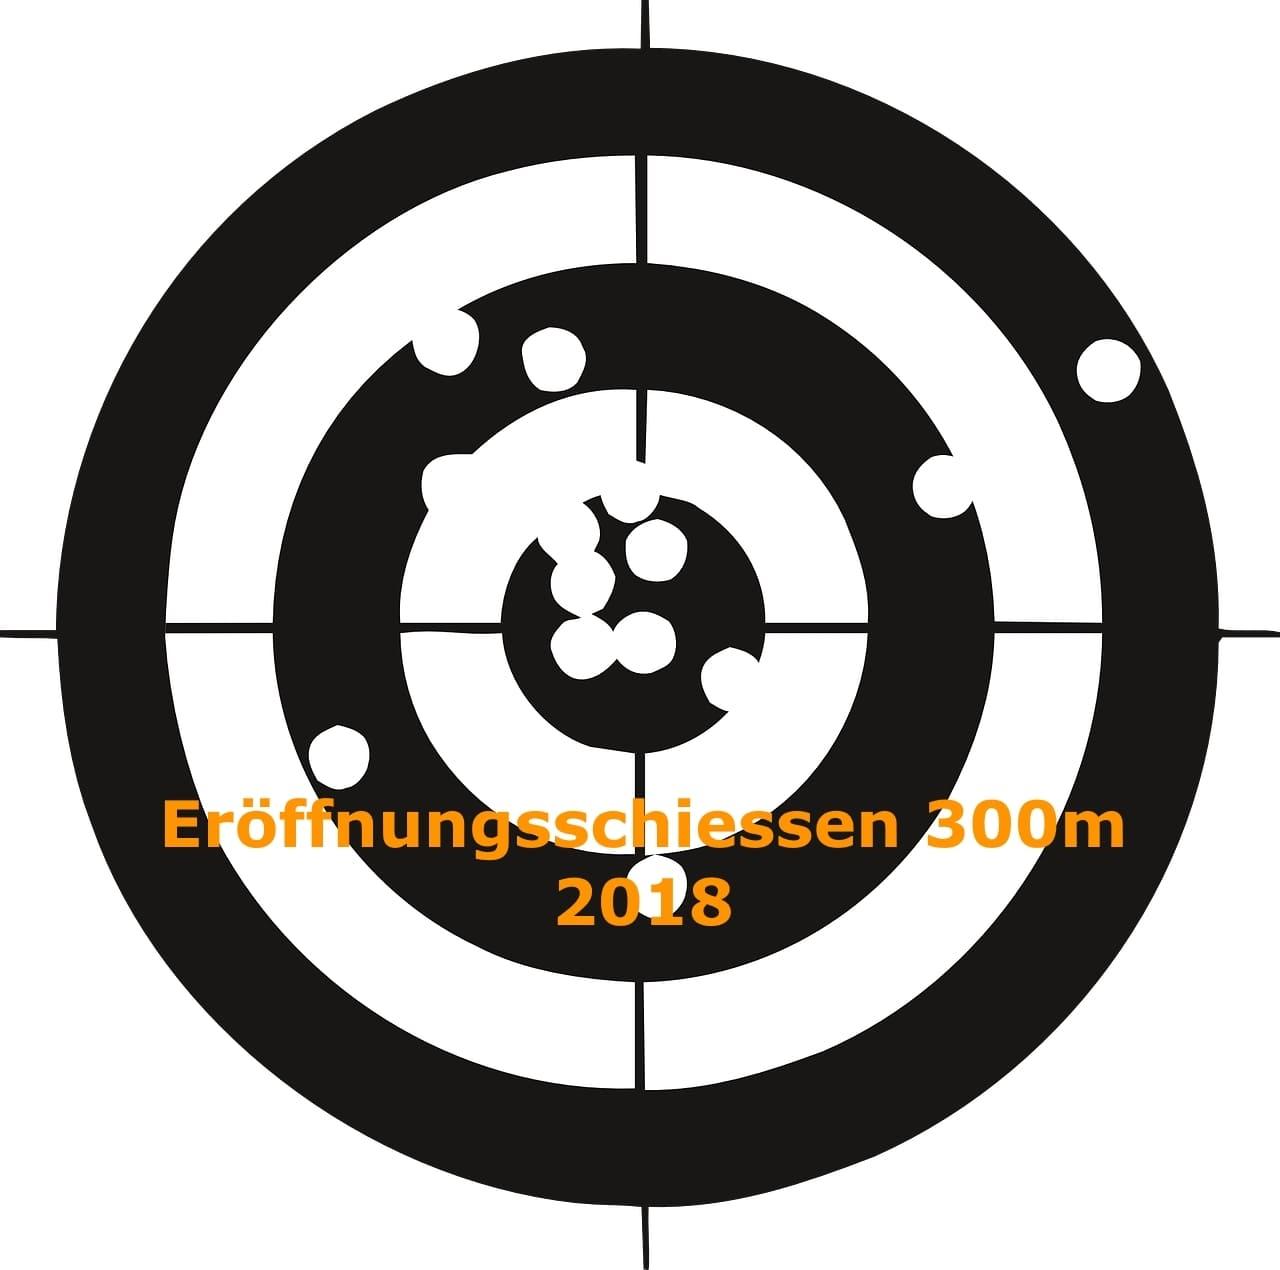 Gewehr Eröffnungsschiessen 2018